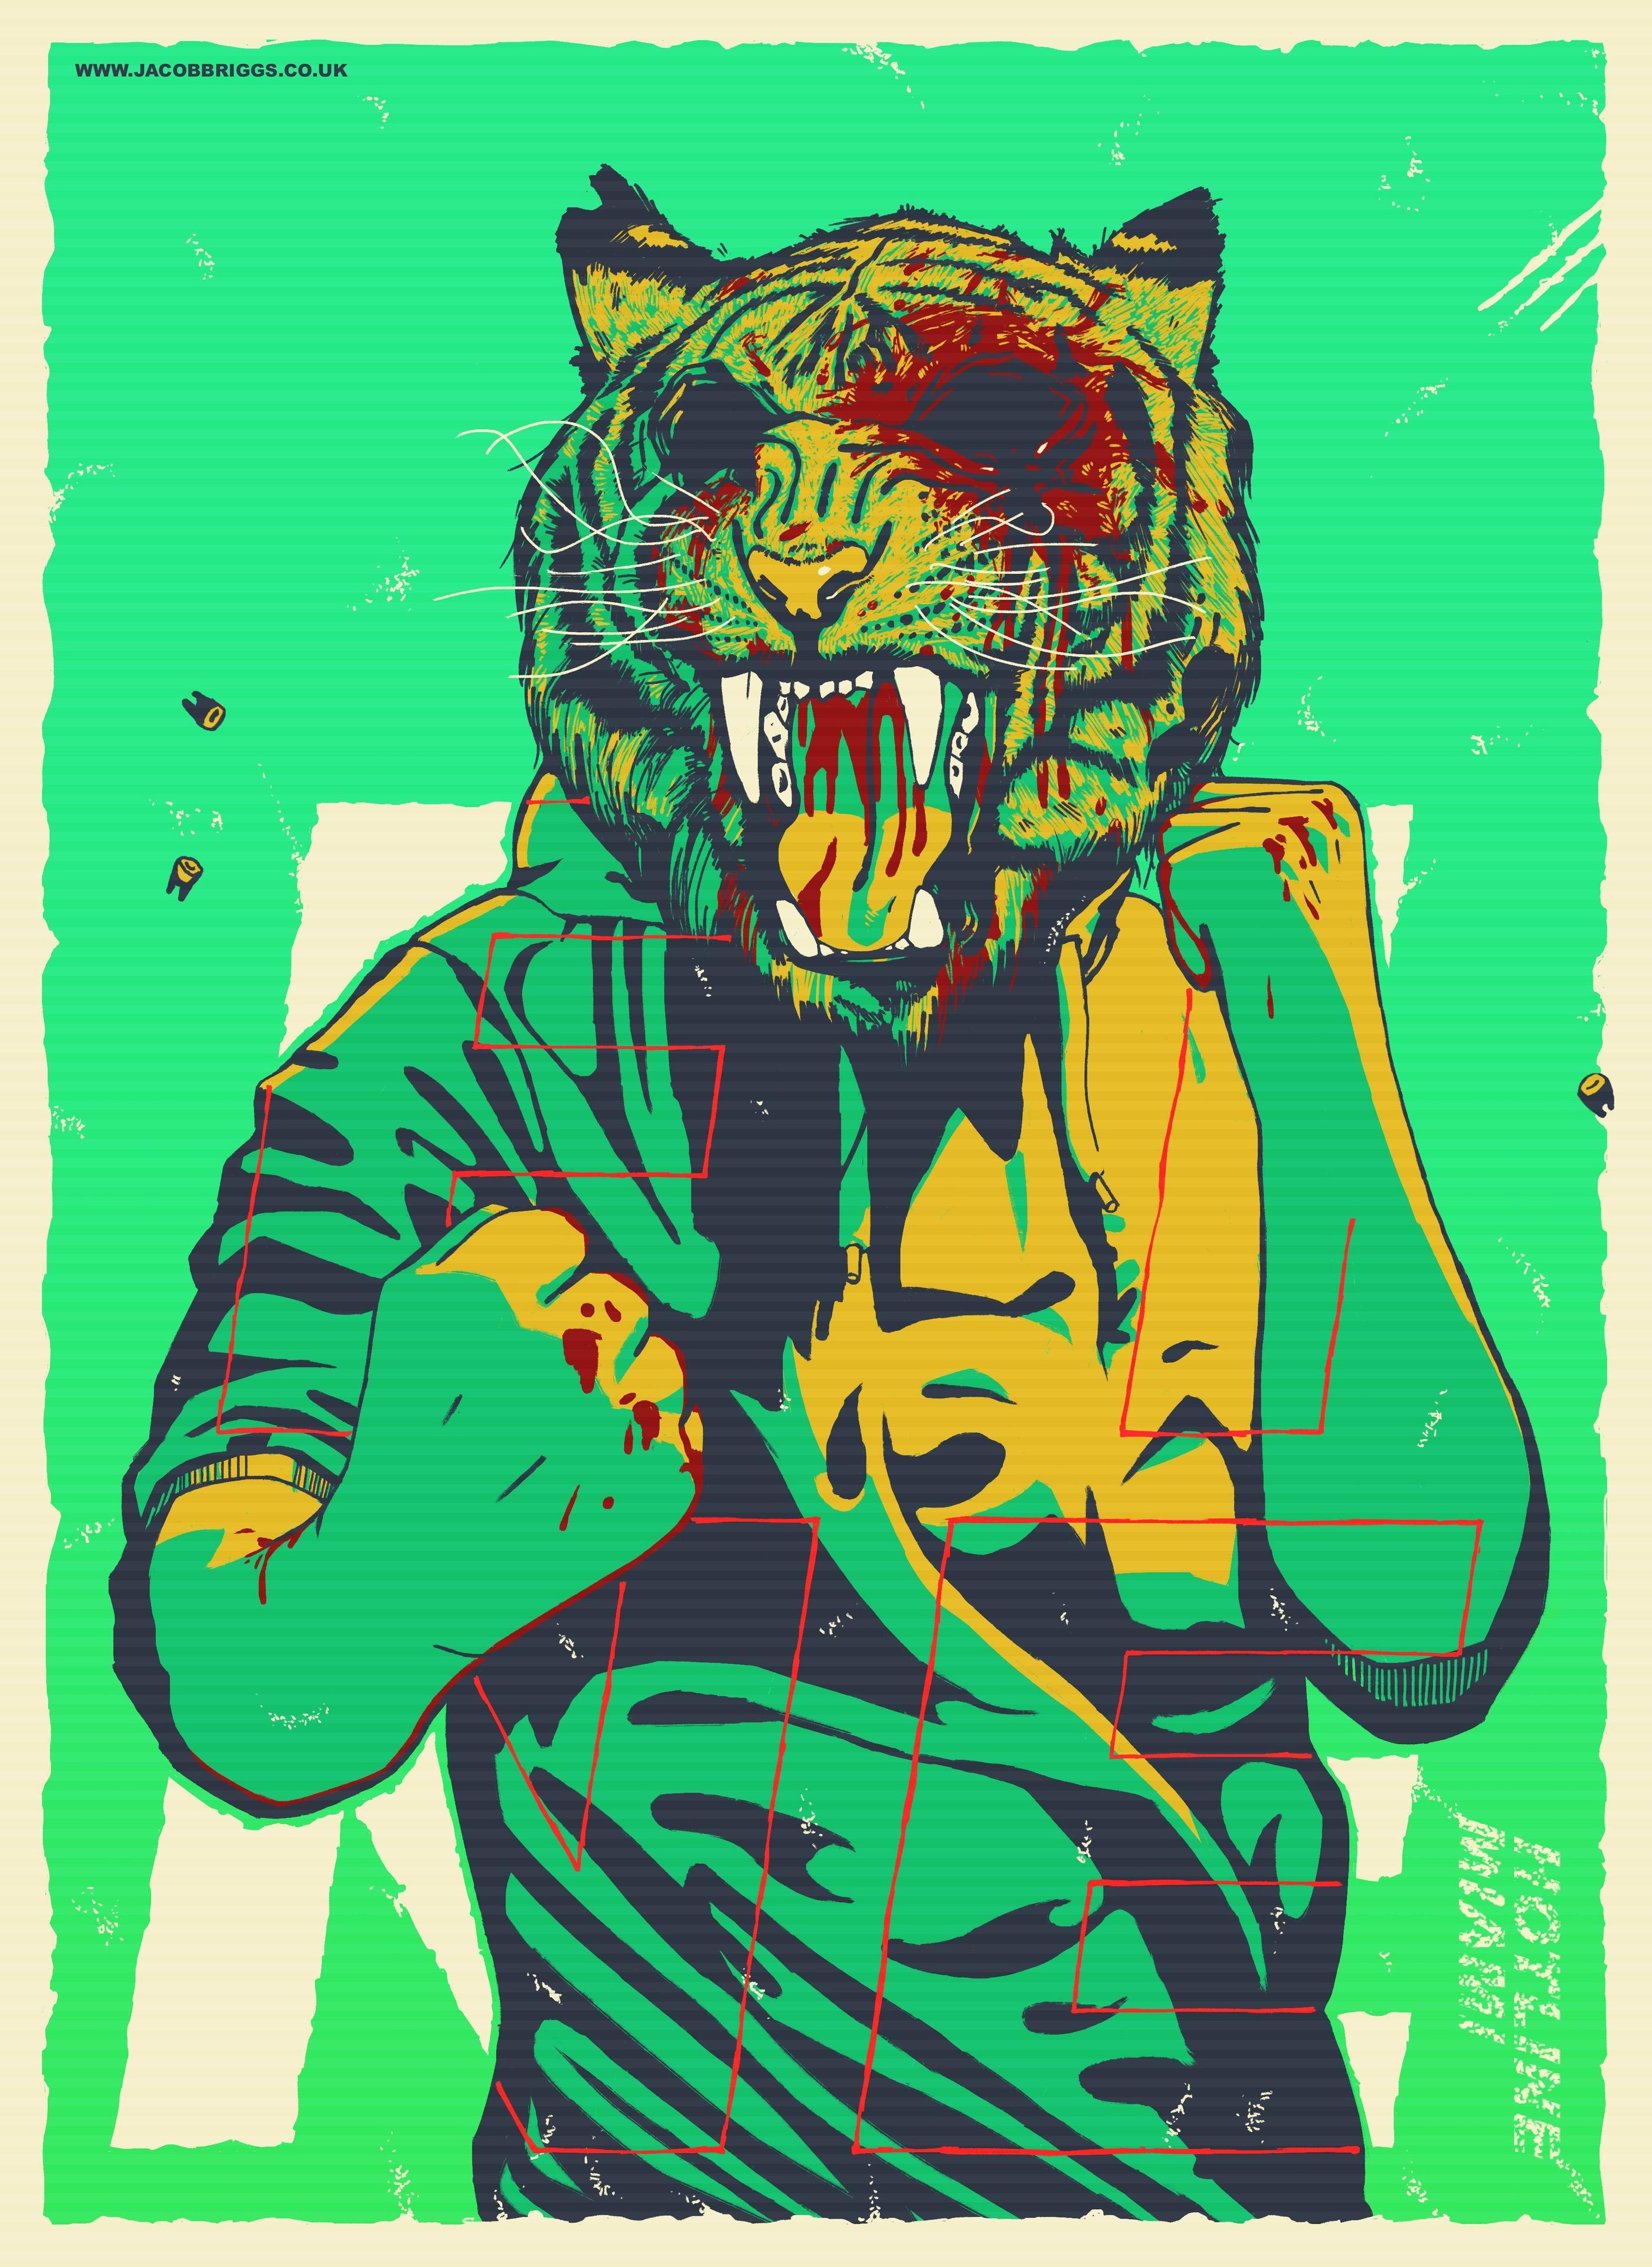 Art ID: 73402